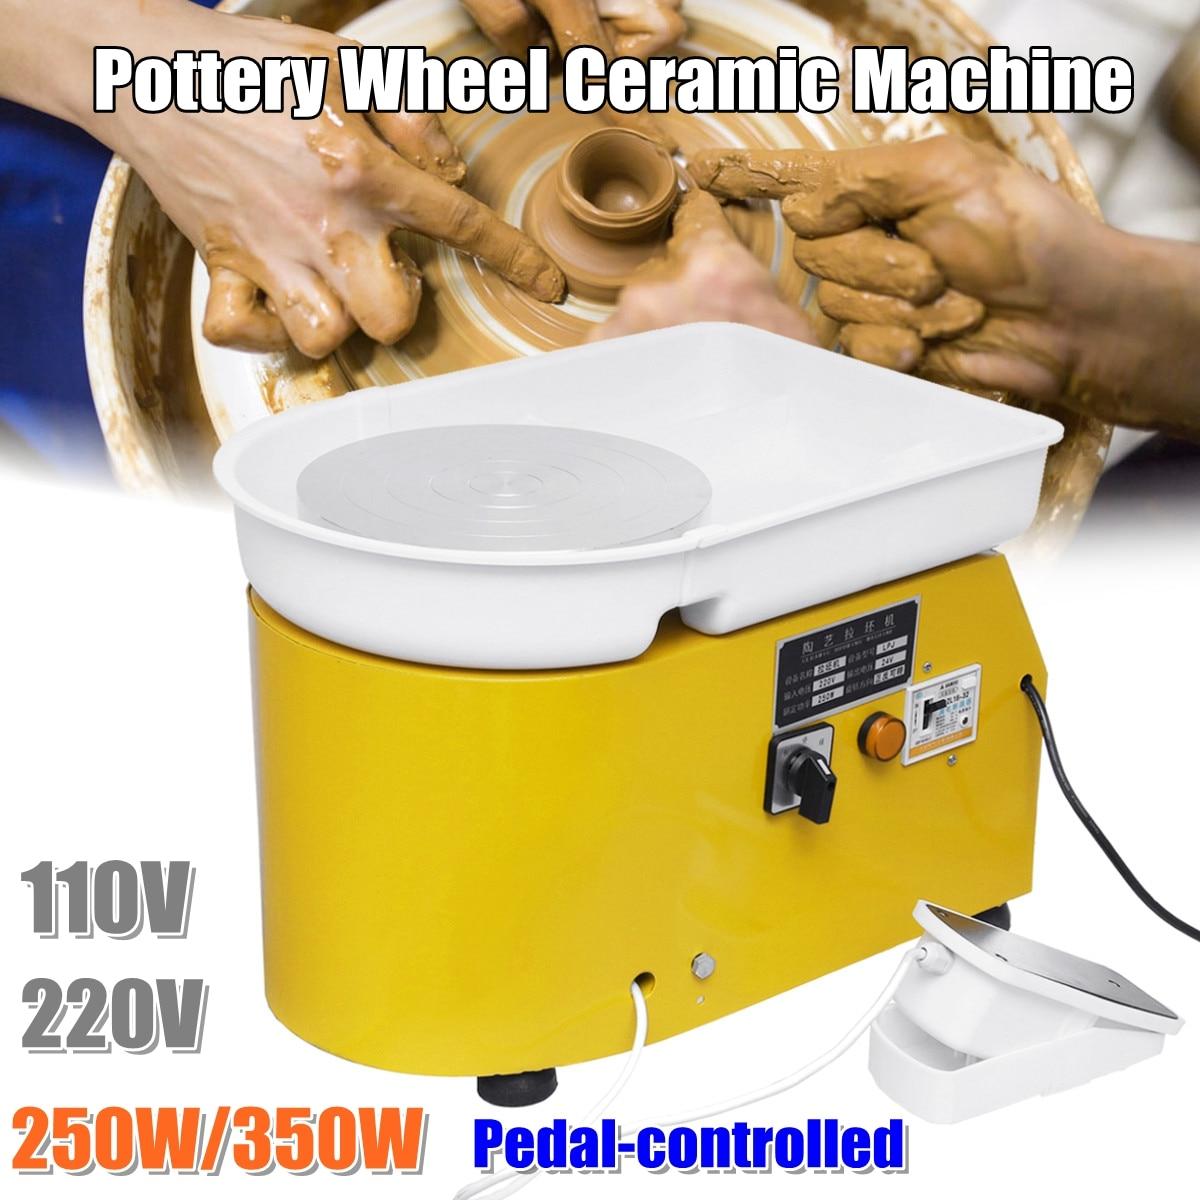 Tourne-disque 250 W/350 W Tours électriques roue poterie Machine céramique argile potier Art pour céramique travail céramique 110 V/220 V